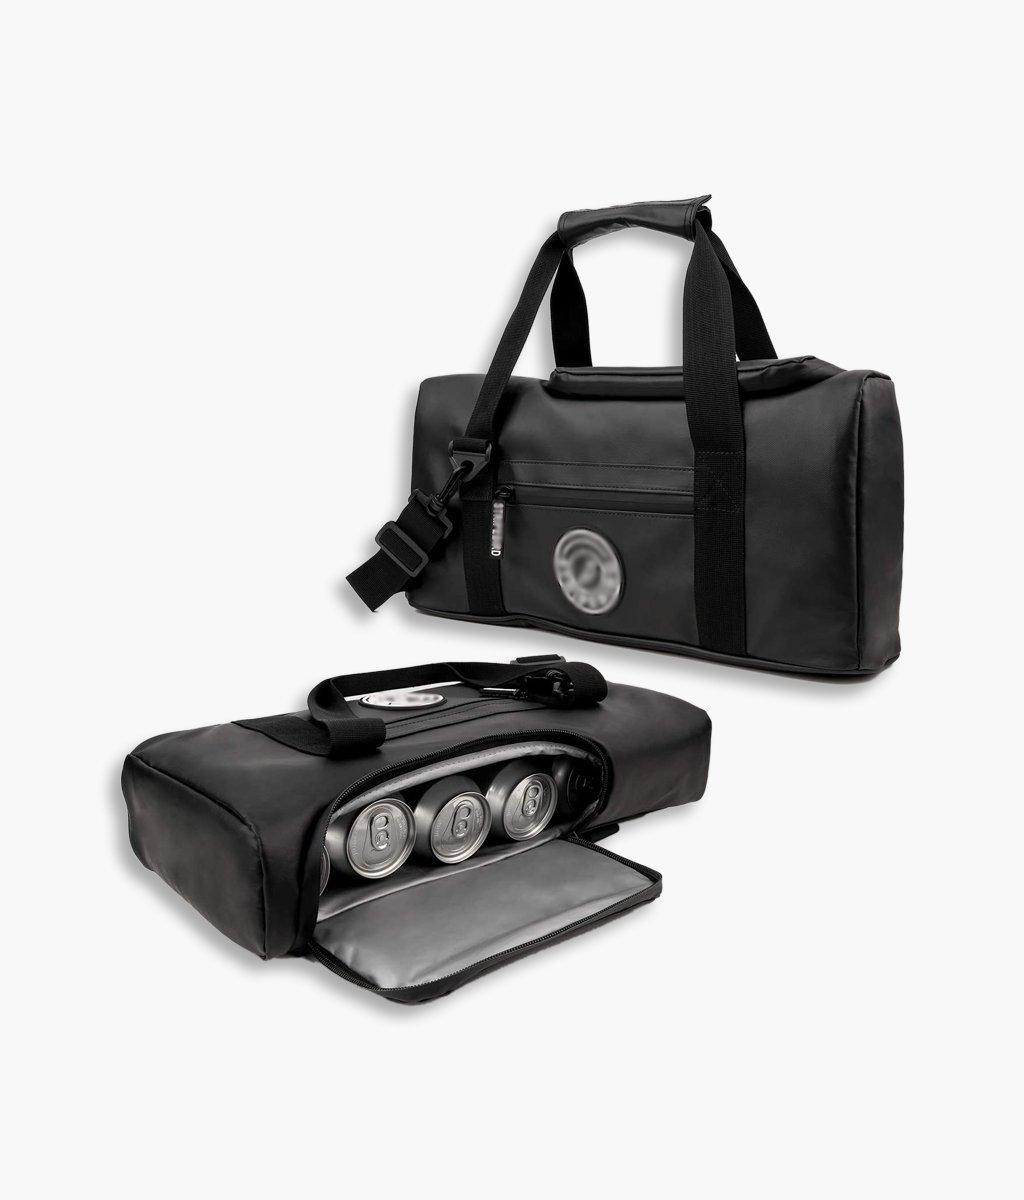 Cooler bag – Beverage and Drink Storage for Golfing